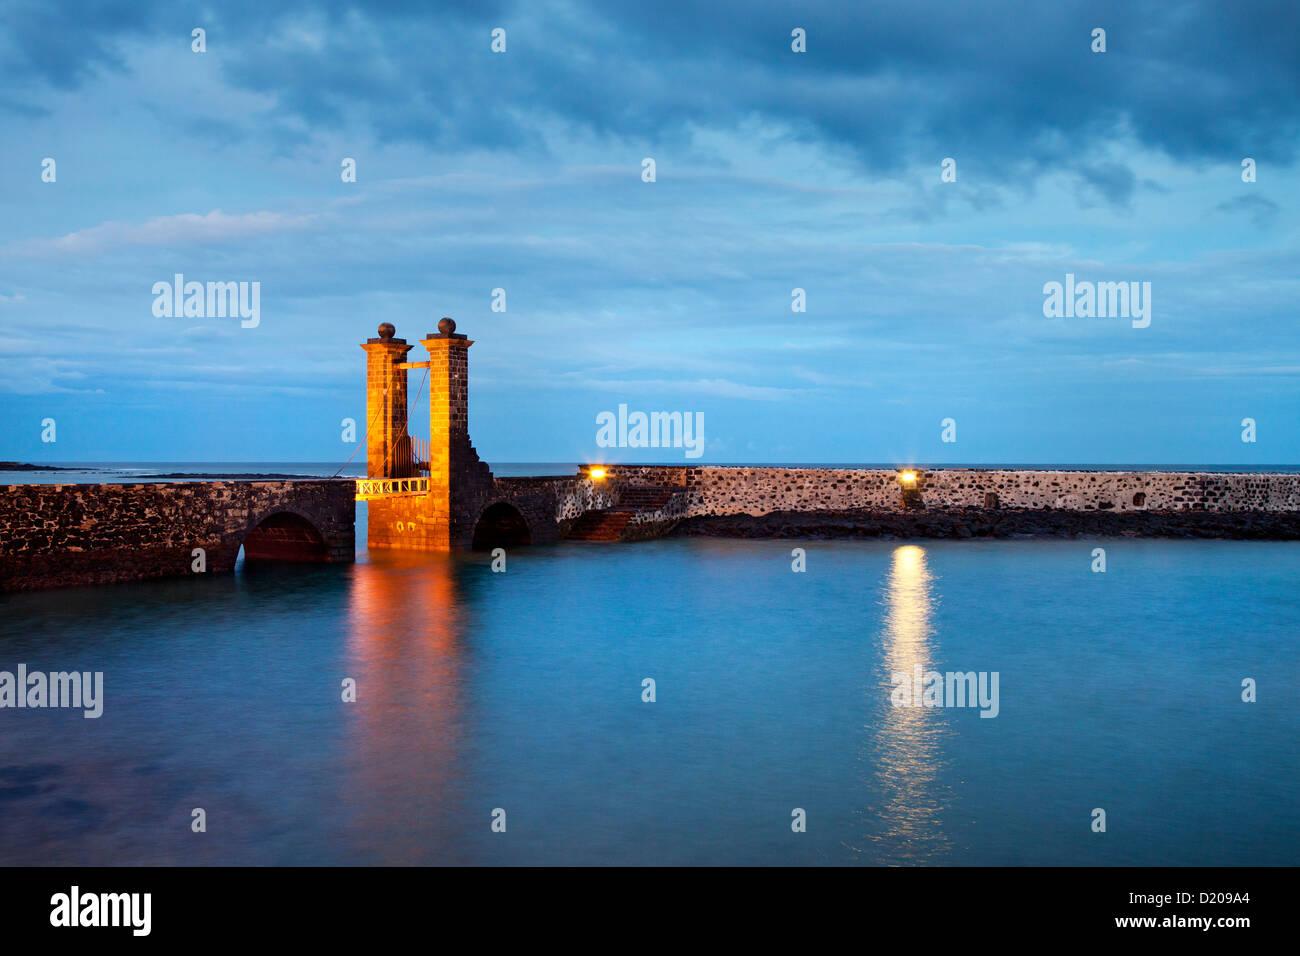 Illuminated bridge, Puente de las Bolas in the evening, Arrecife, Lanzarote, Canary Islands, Spain, Europe Stock Photo